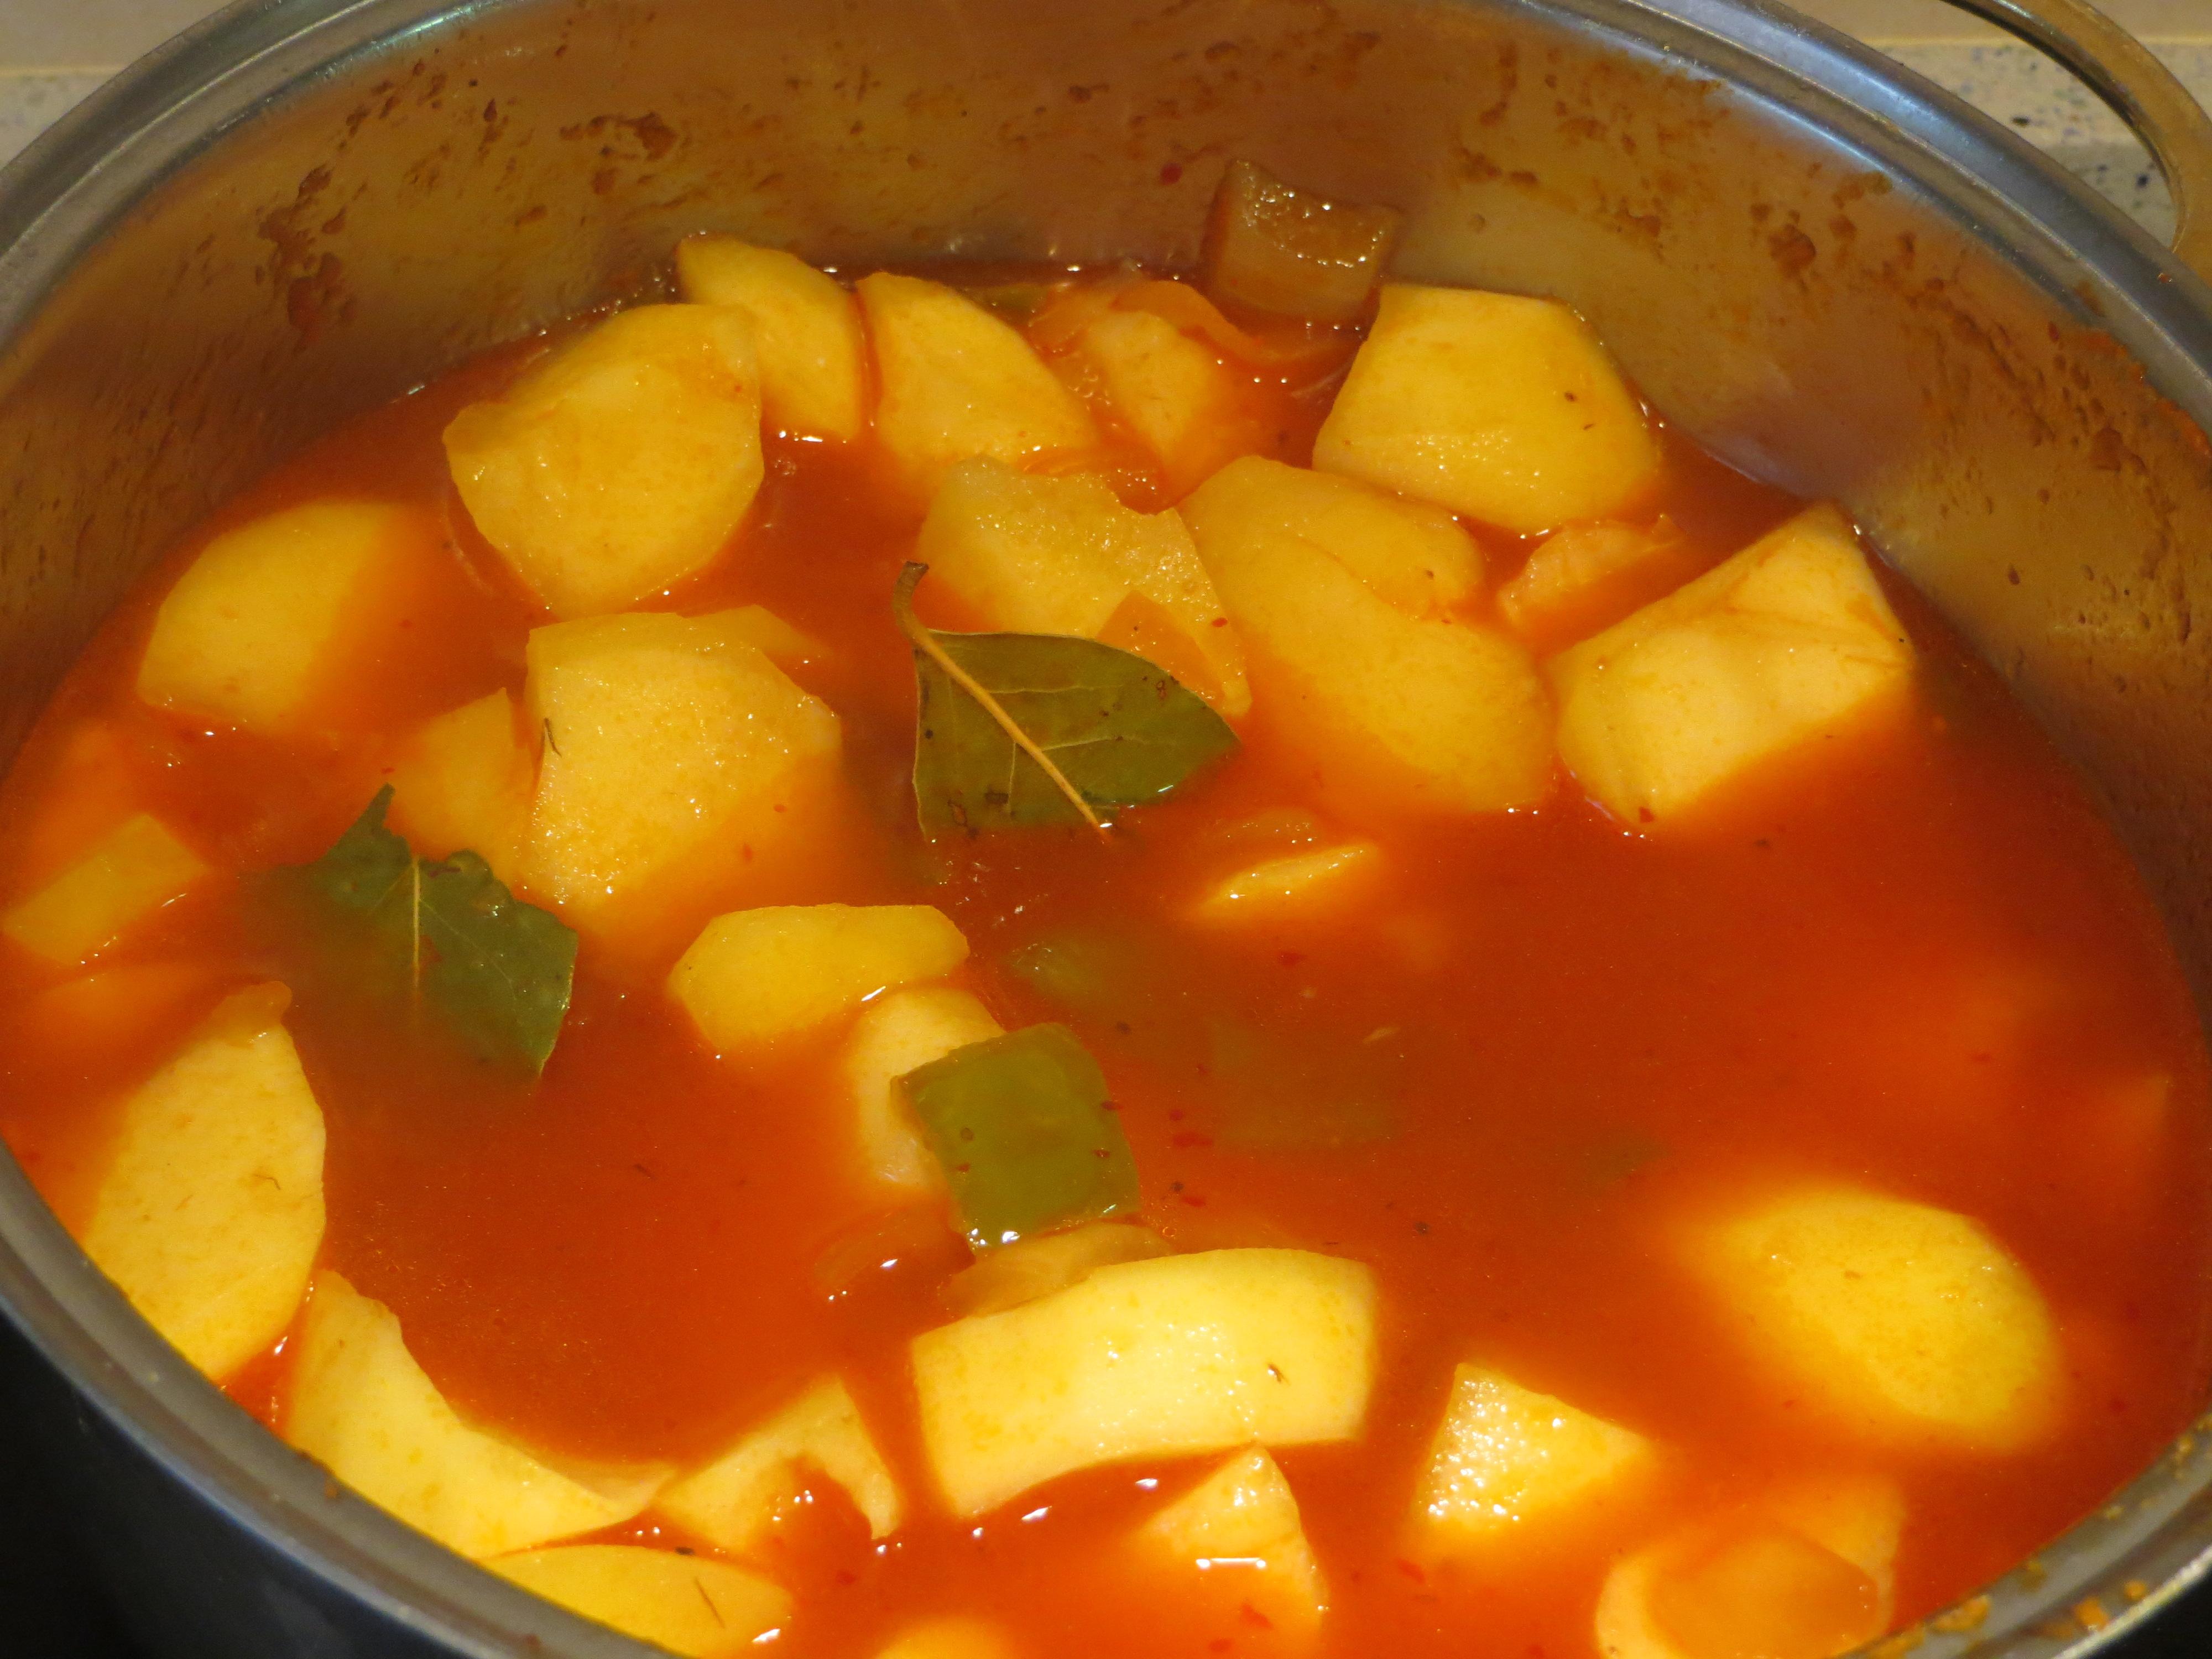 Jugando con fogones c mo hacer un estofado de patatas con - Tiempo para cocer patatas ...